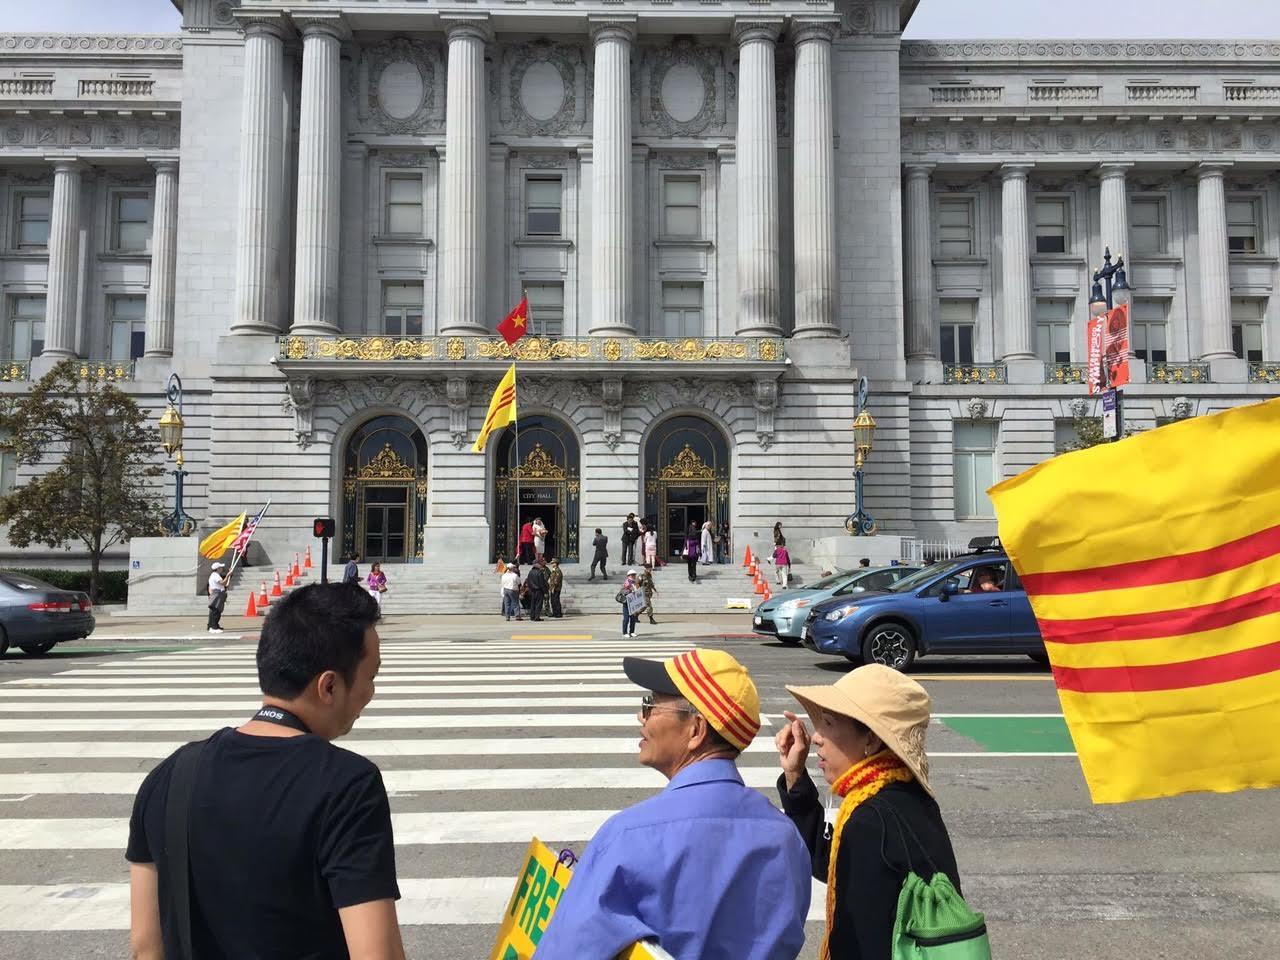 Biểu tình chống treo cờ đỏ tại Tòa thị chính San Francisco